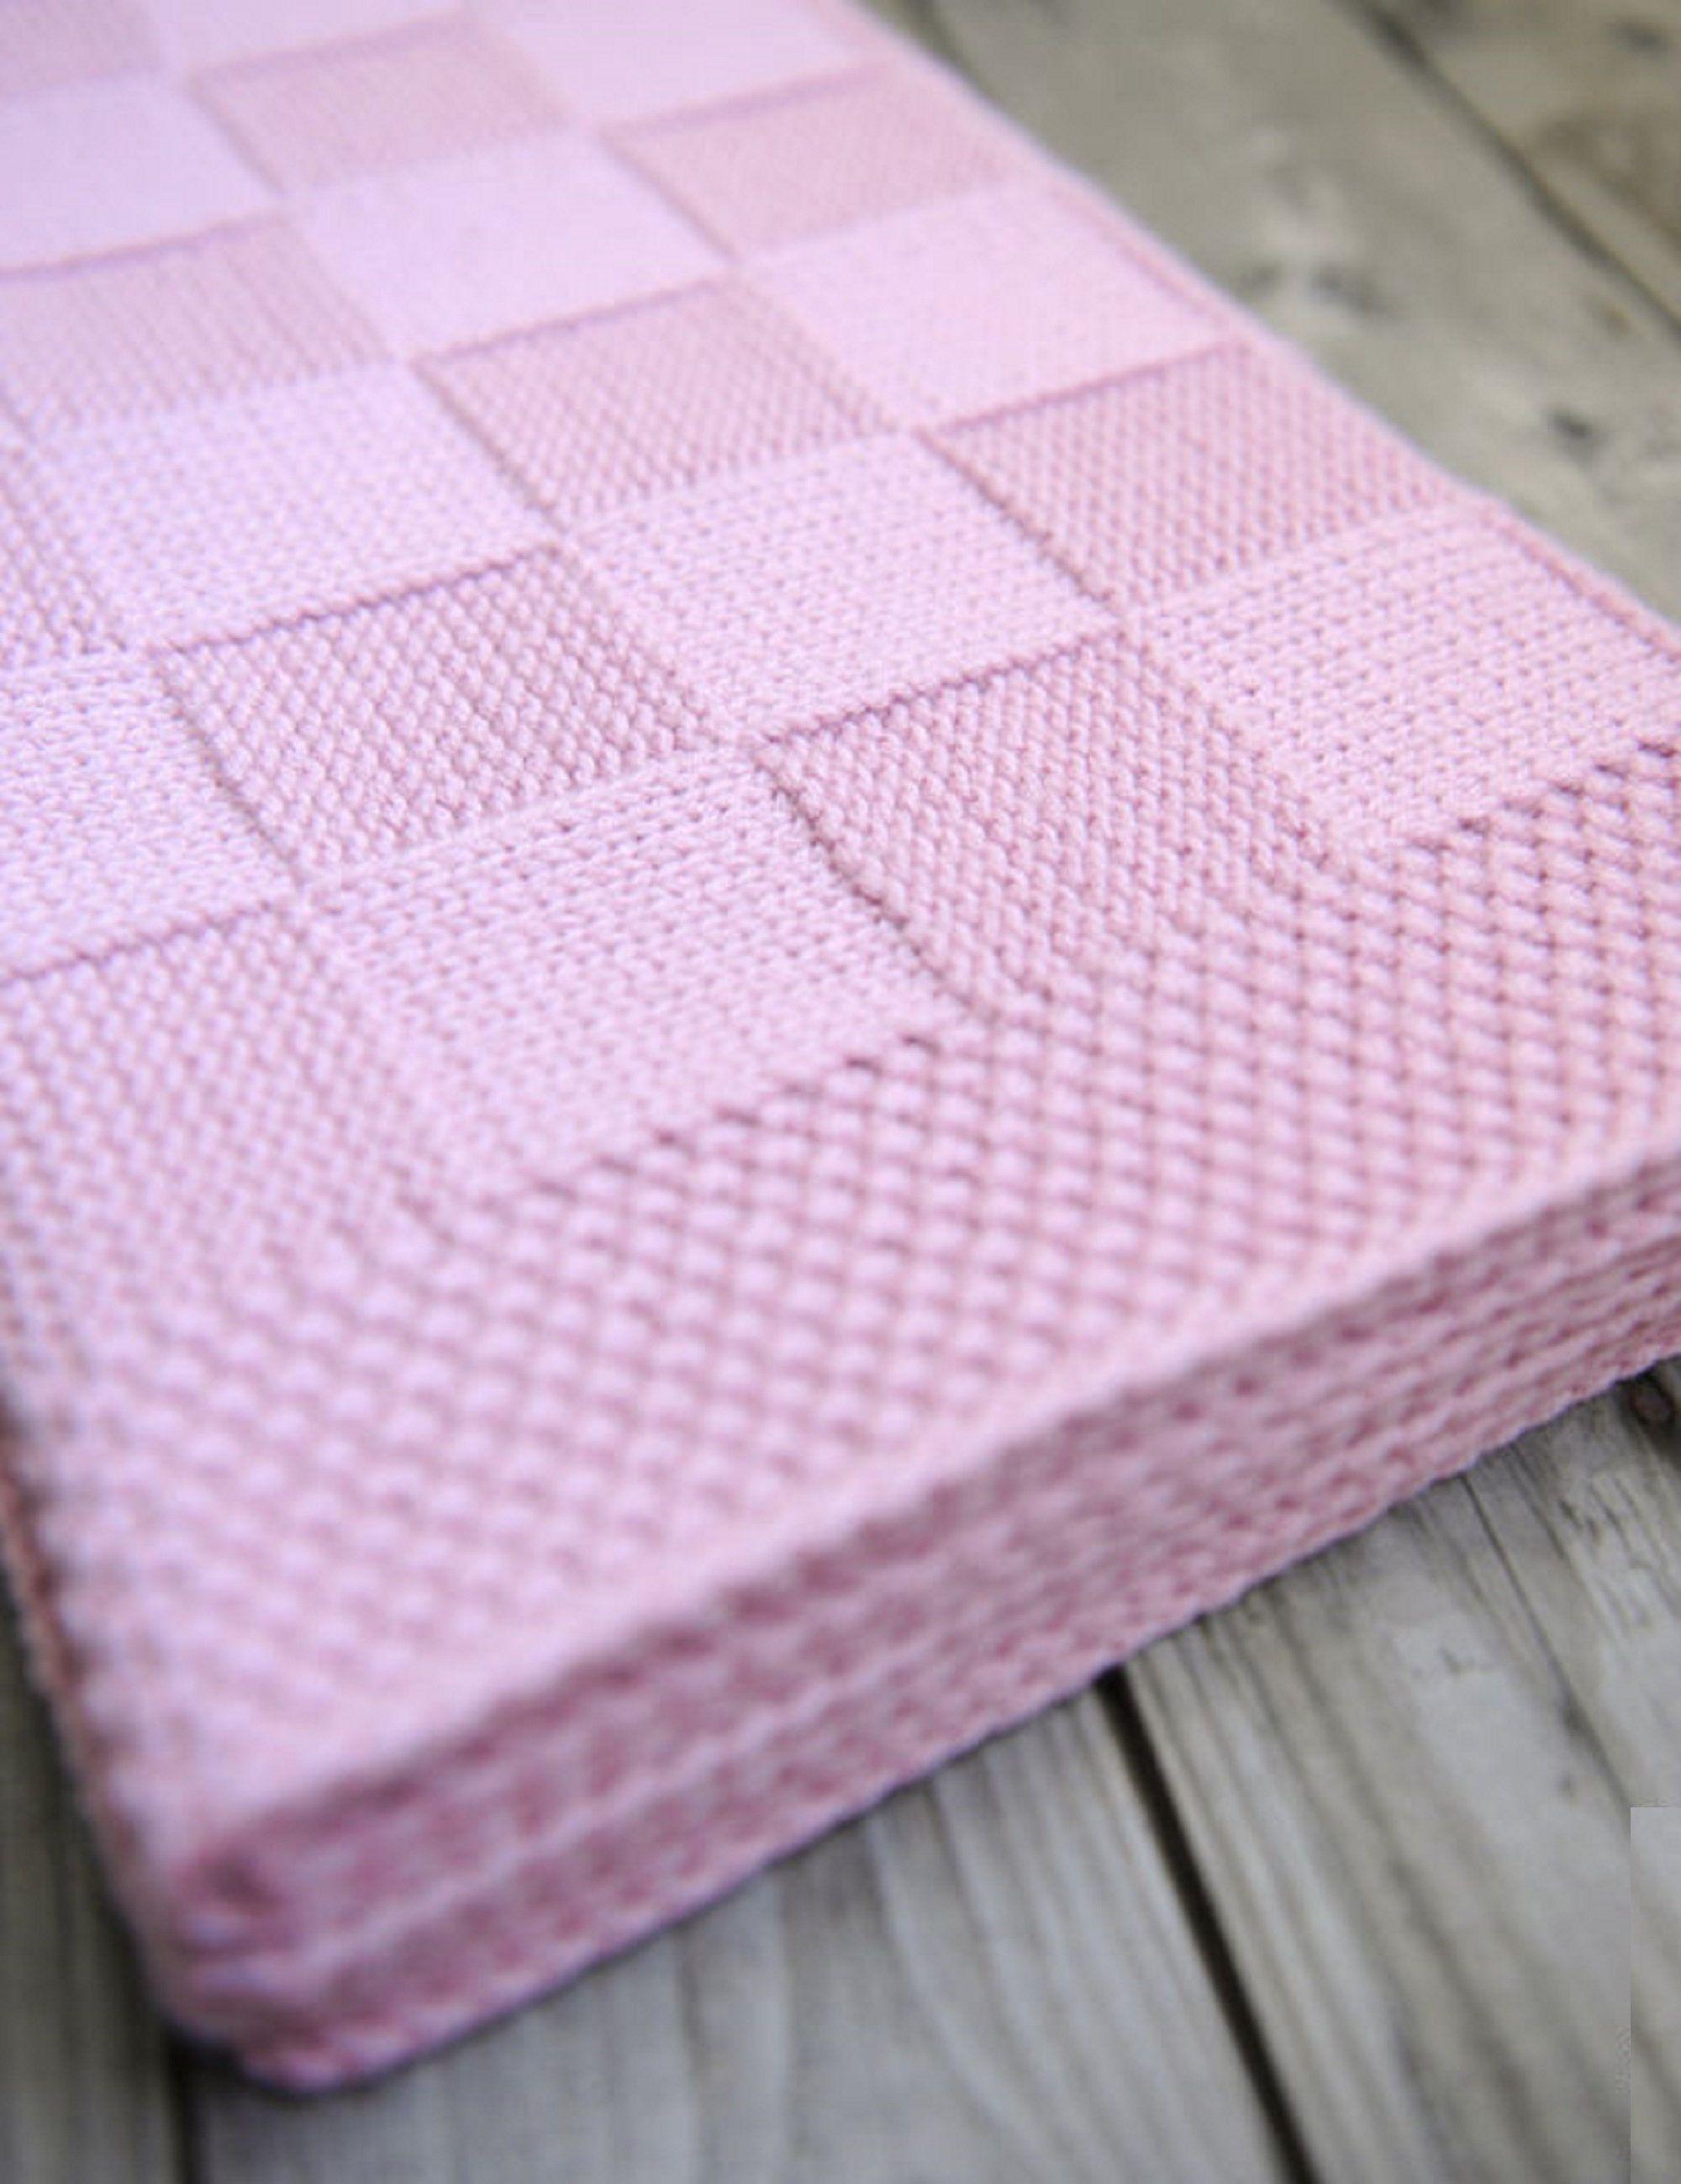 1 x 1 Meter Babydecke, Neugeborene Decke, Baby-Dusche-Geschenk, häkeln Babydecke, Swaddle Decken, Empfang Decken, Muslin Decken